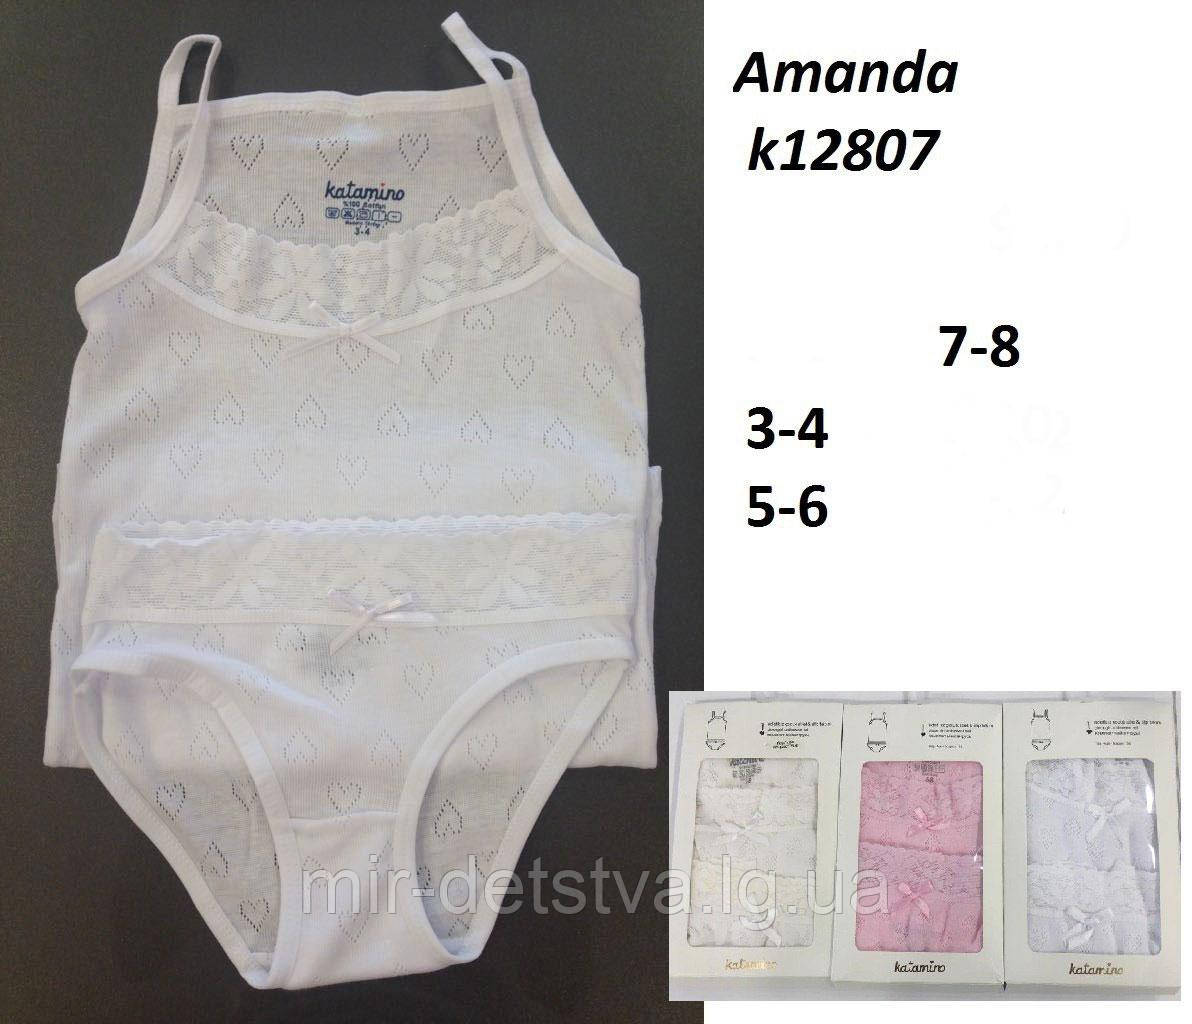 Комплект (майка+трусики) для девочки TM Katamino оптом, Турция р.3-4 года (98-104 см) ост. 1 шт молоко